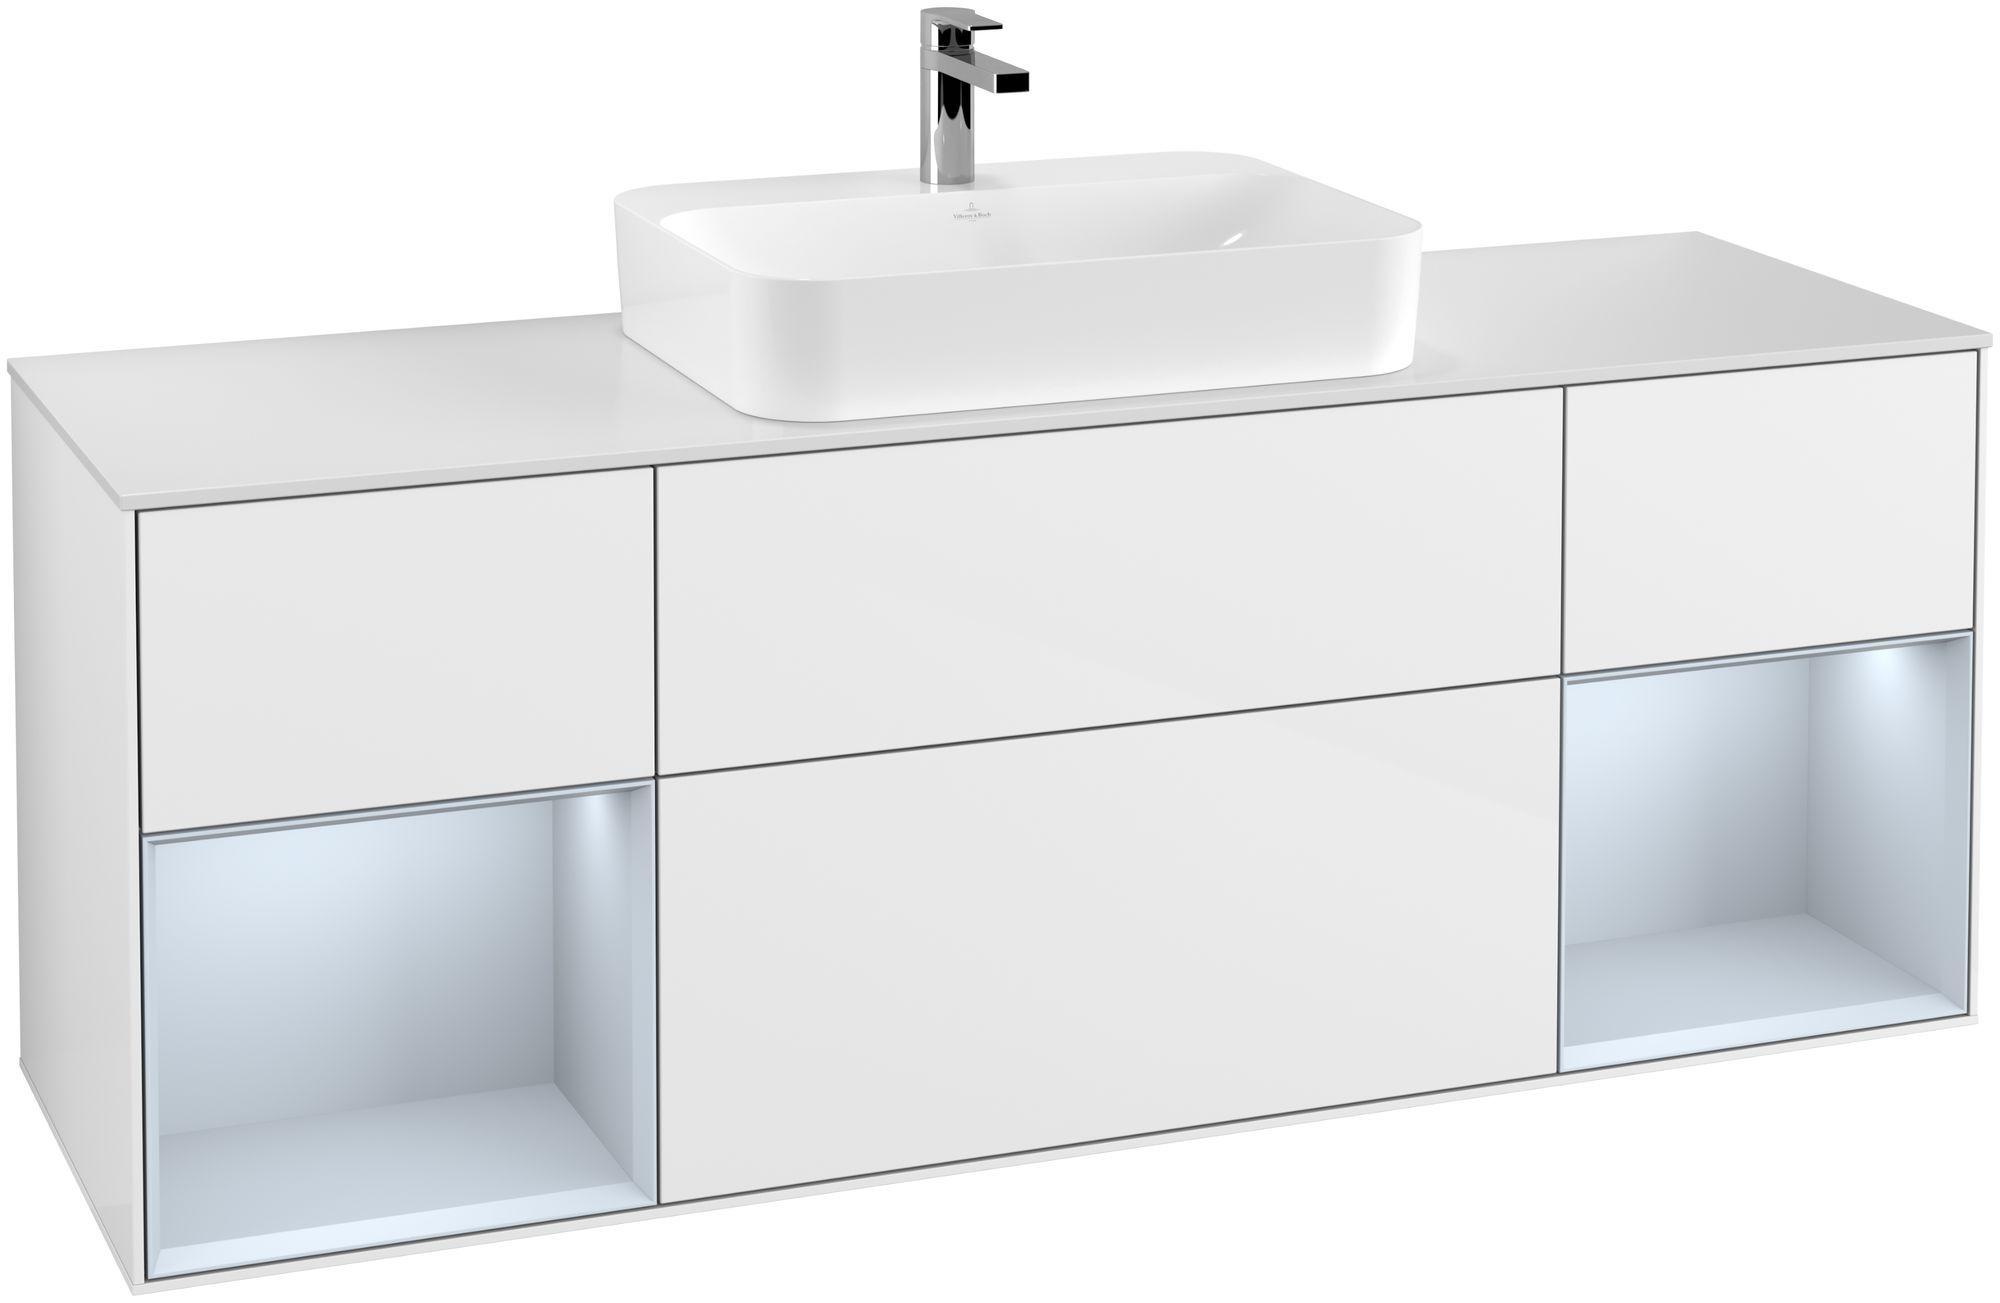 Villeroy & Boch Finion F45 Waschtischunterschrank mit Regalelement 4 Auszüge Waschtisch mittig LED-Beleuchtung B:160xH:60,3xT:50,1cm Front, Korpus: Glossy White Lack, Regal: Cloud, Glasplatte: White Matt F451HAGF